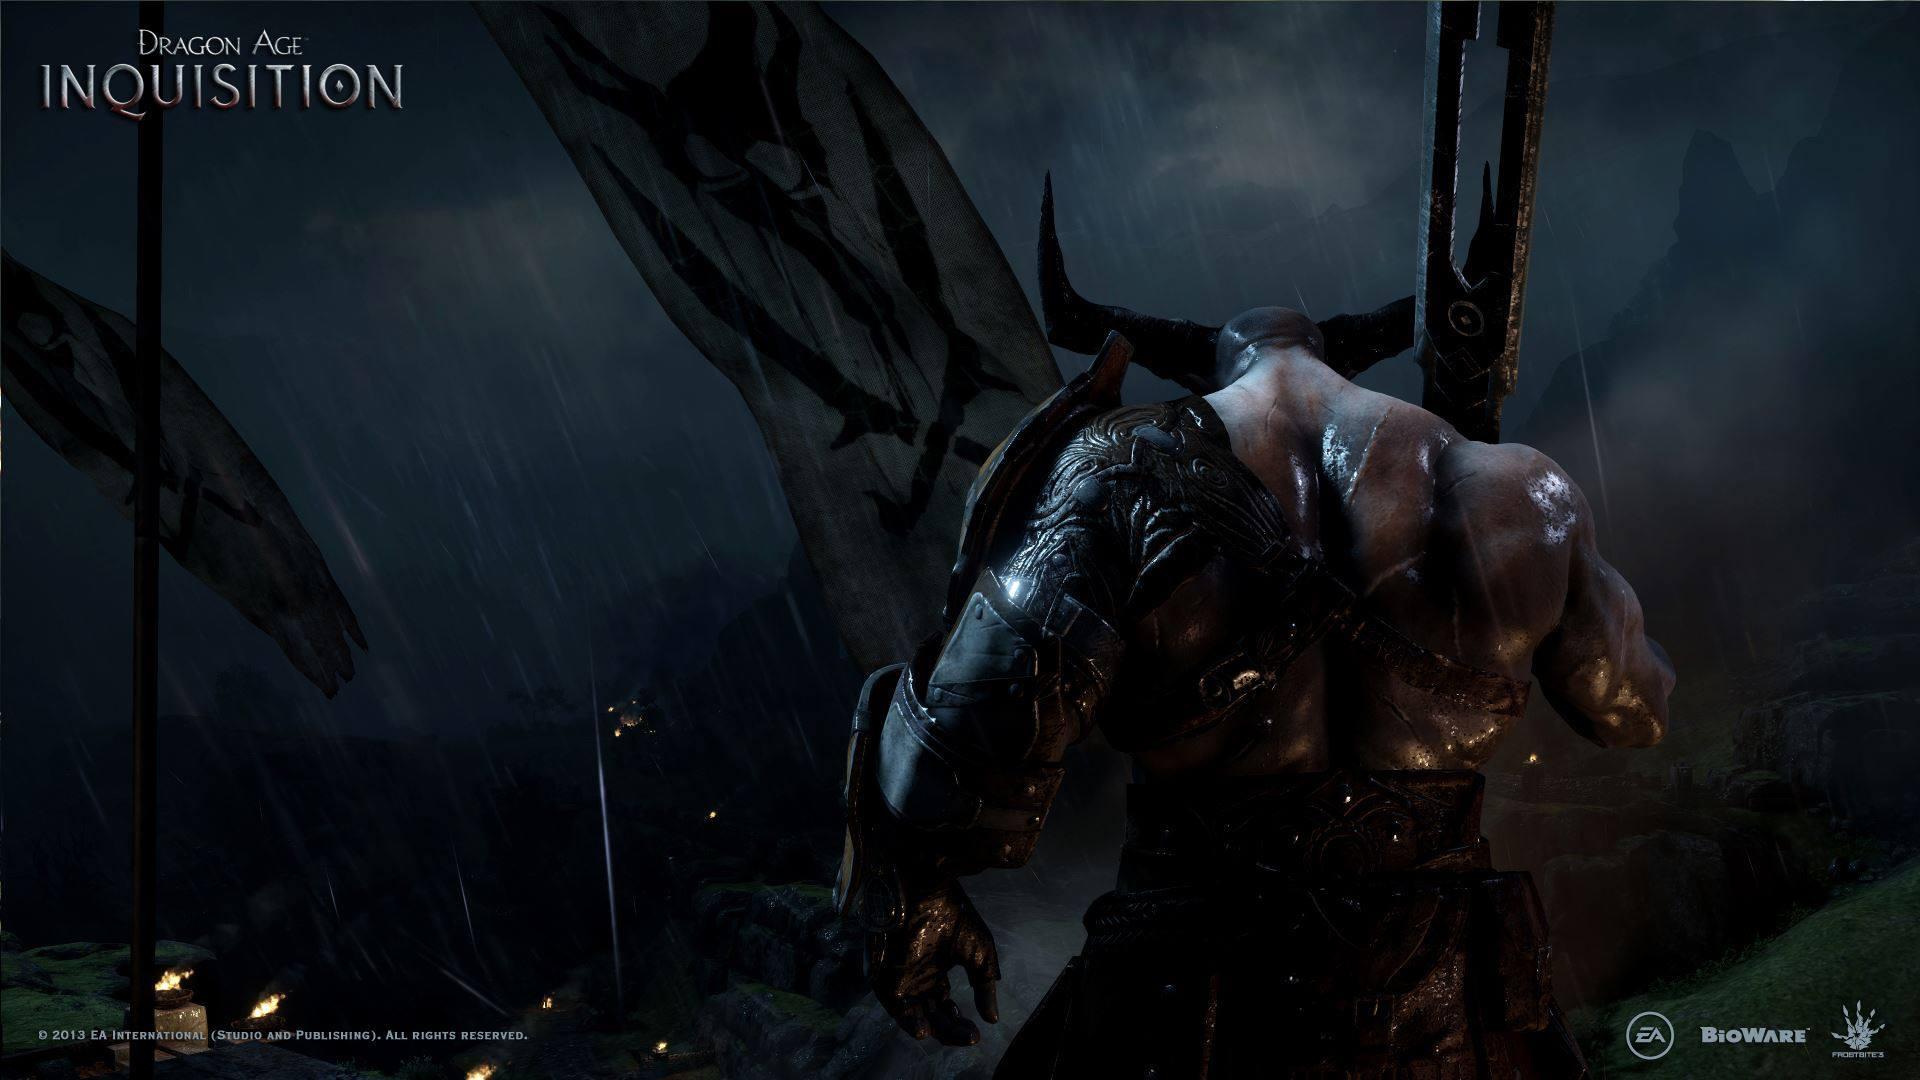 VengefulTemplar/Dragon Age: Inquisition - Concept Art 3